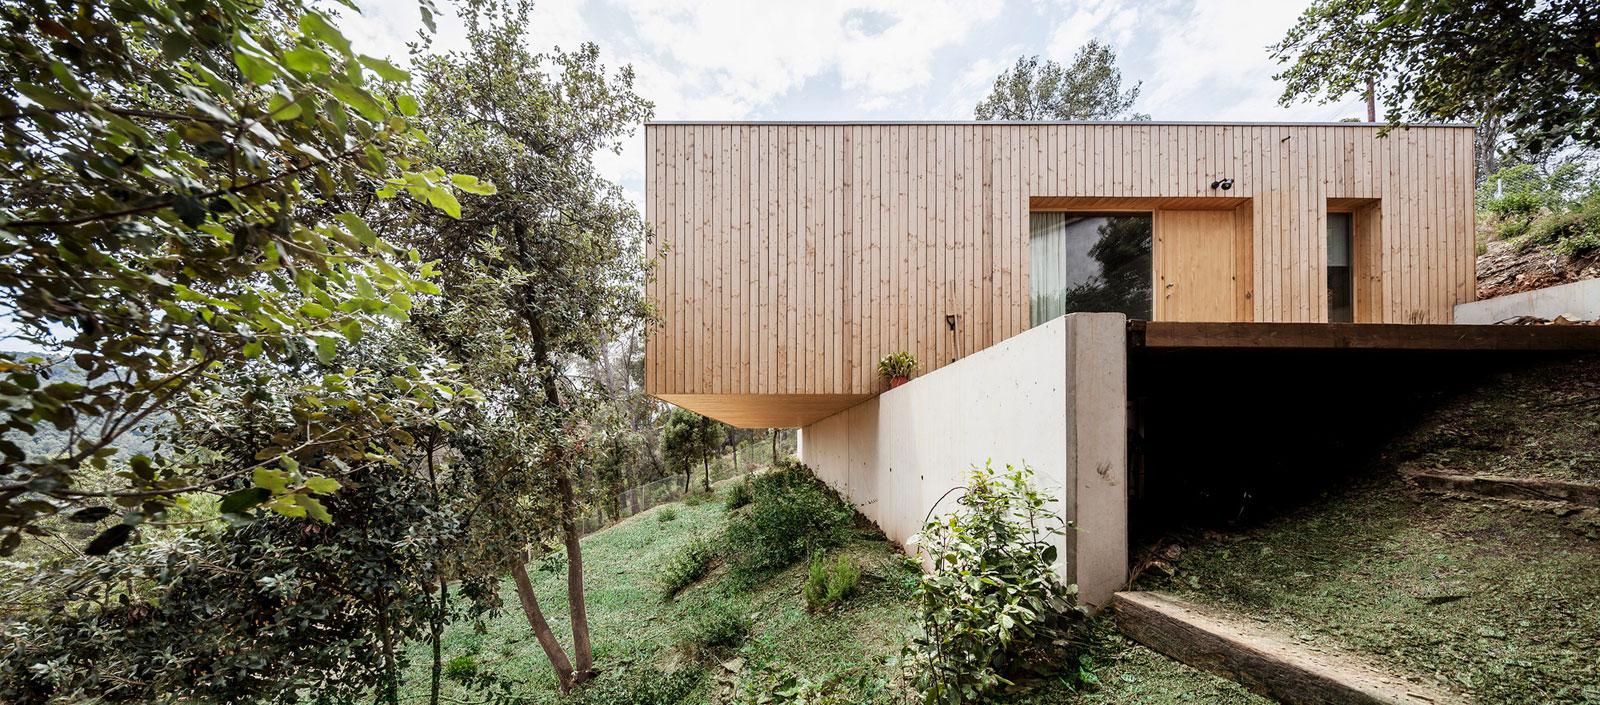 Casa LLP / Alventosa Morell (20)